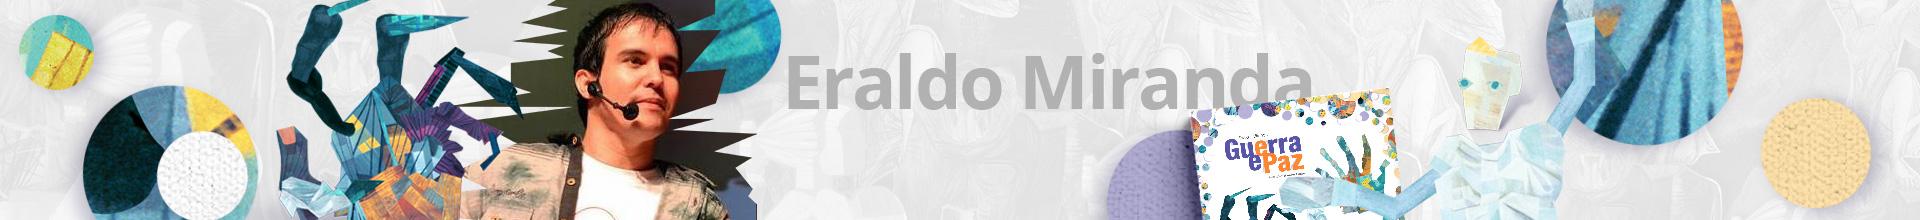 Eraldo Miranda